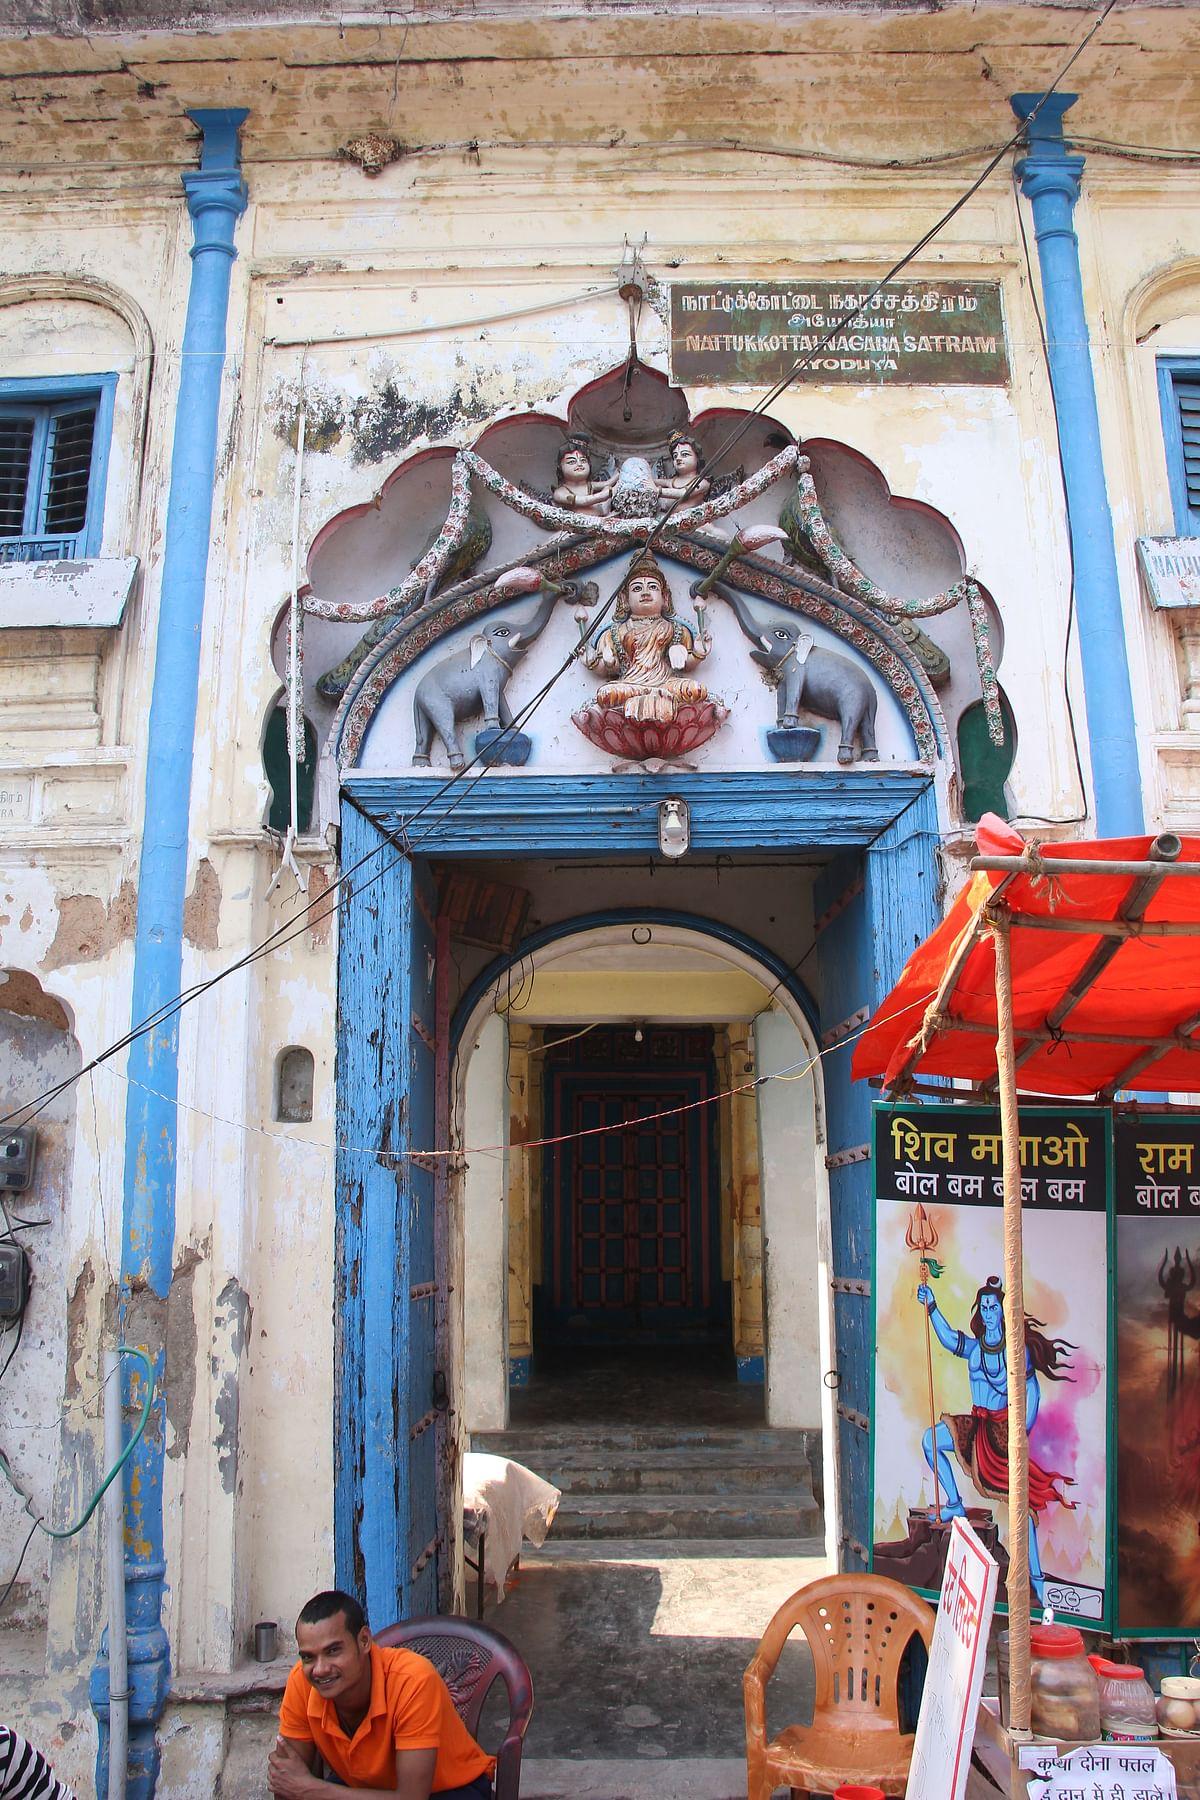 அயோத்தியில் நாட்டுக்கோட்டை நகரச்சத்திரம்